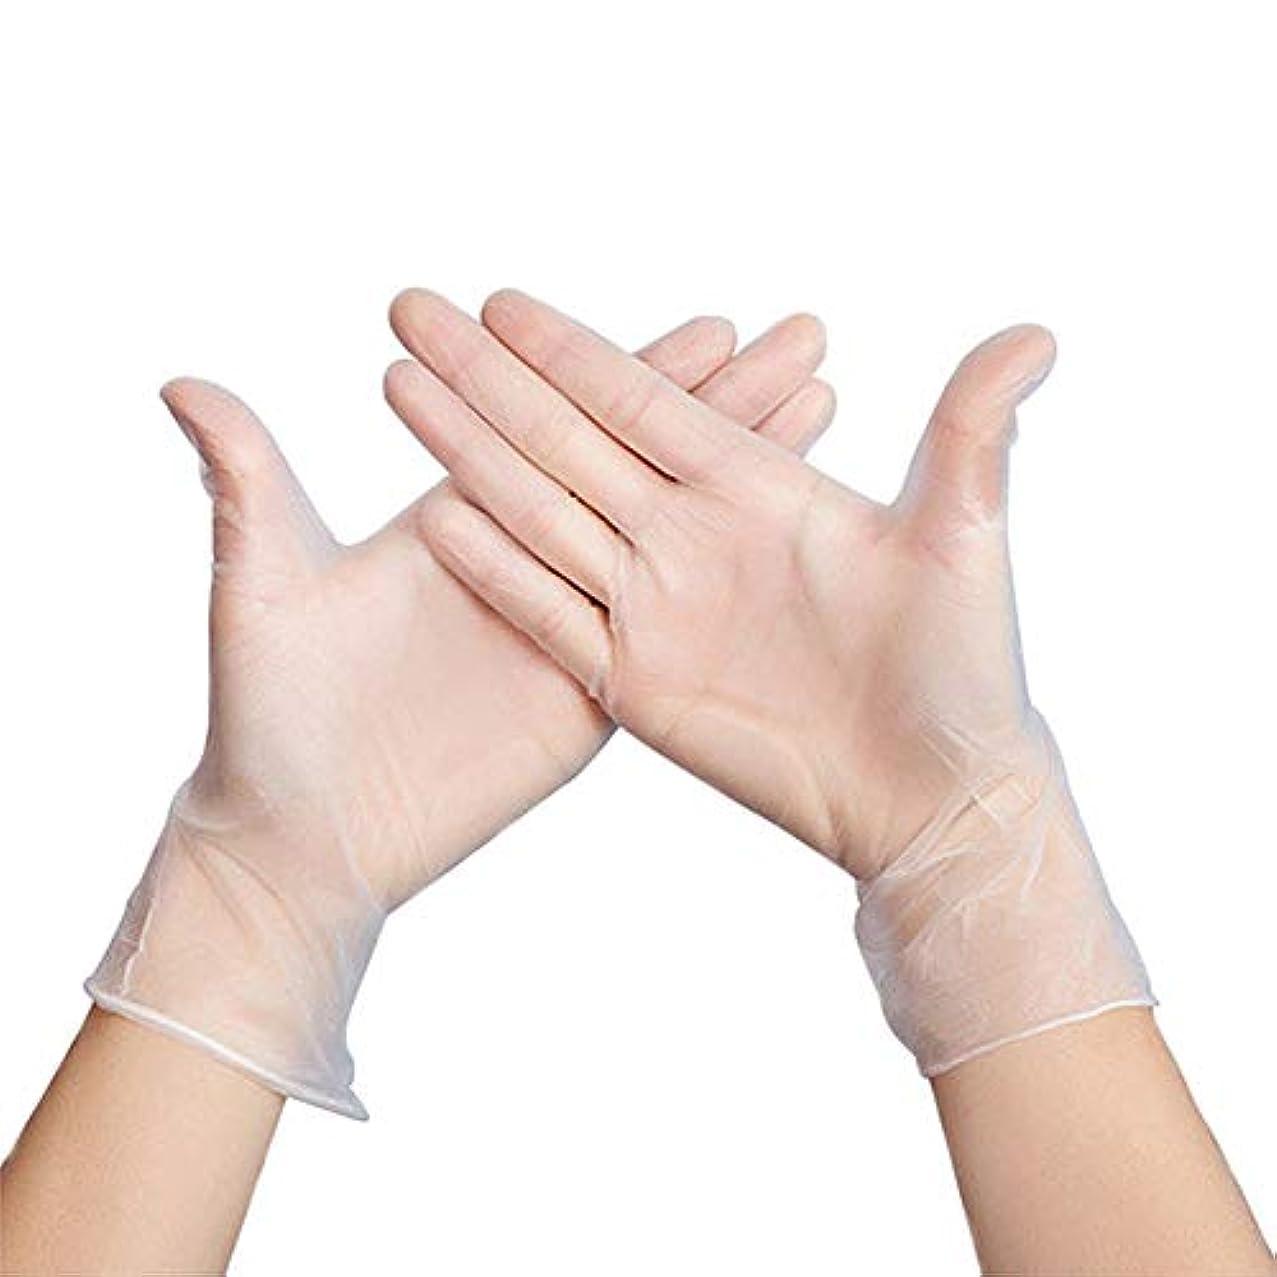 Geafos ニトリル使い捨て手袋、パウダーフリー、食品グレードの手袋、ラテックスフリー、100個 透明 size S